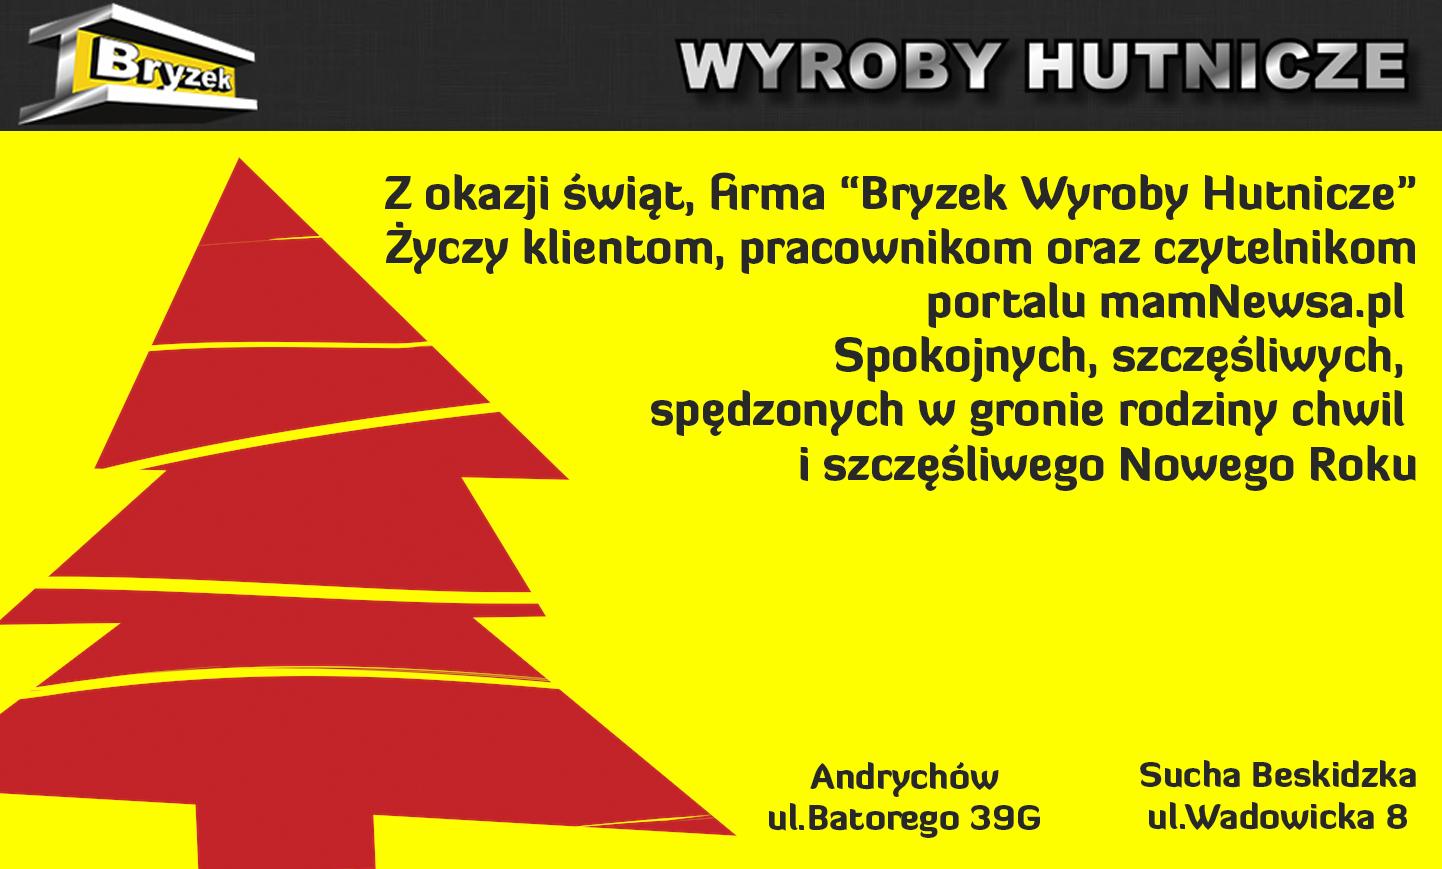 Życzenia świąteczne od firmy BRYZEK Wyroby Hutnicze